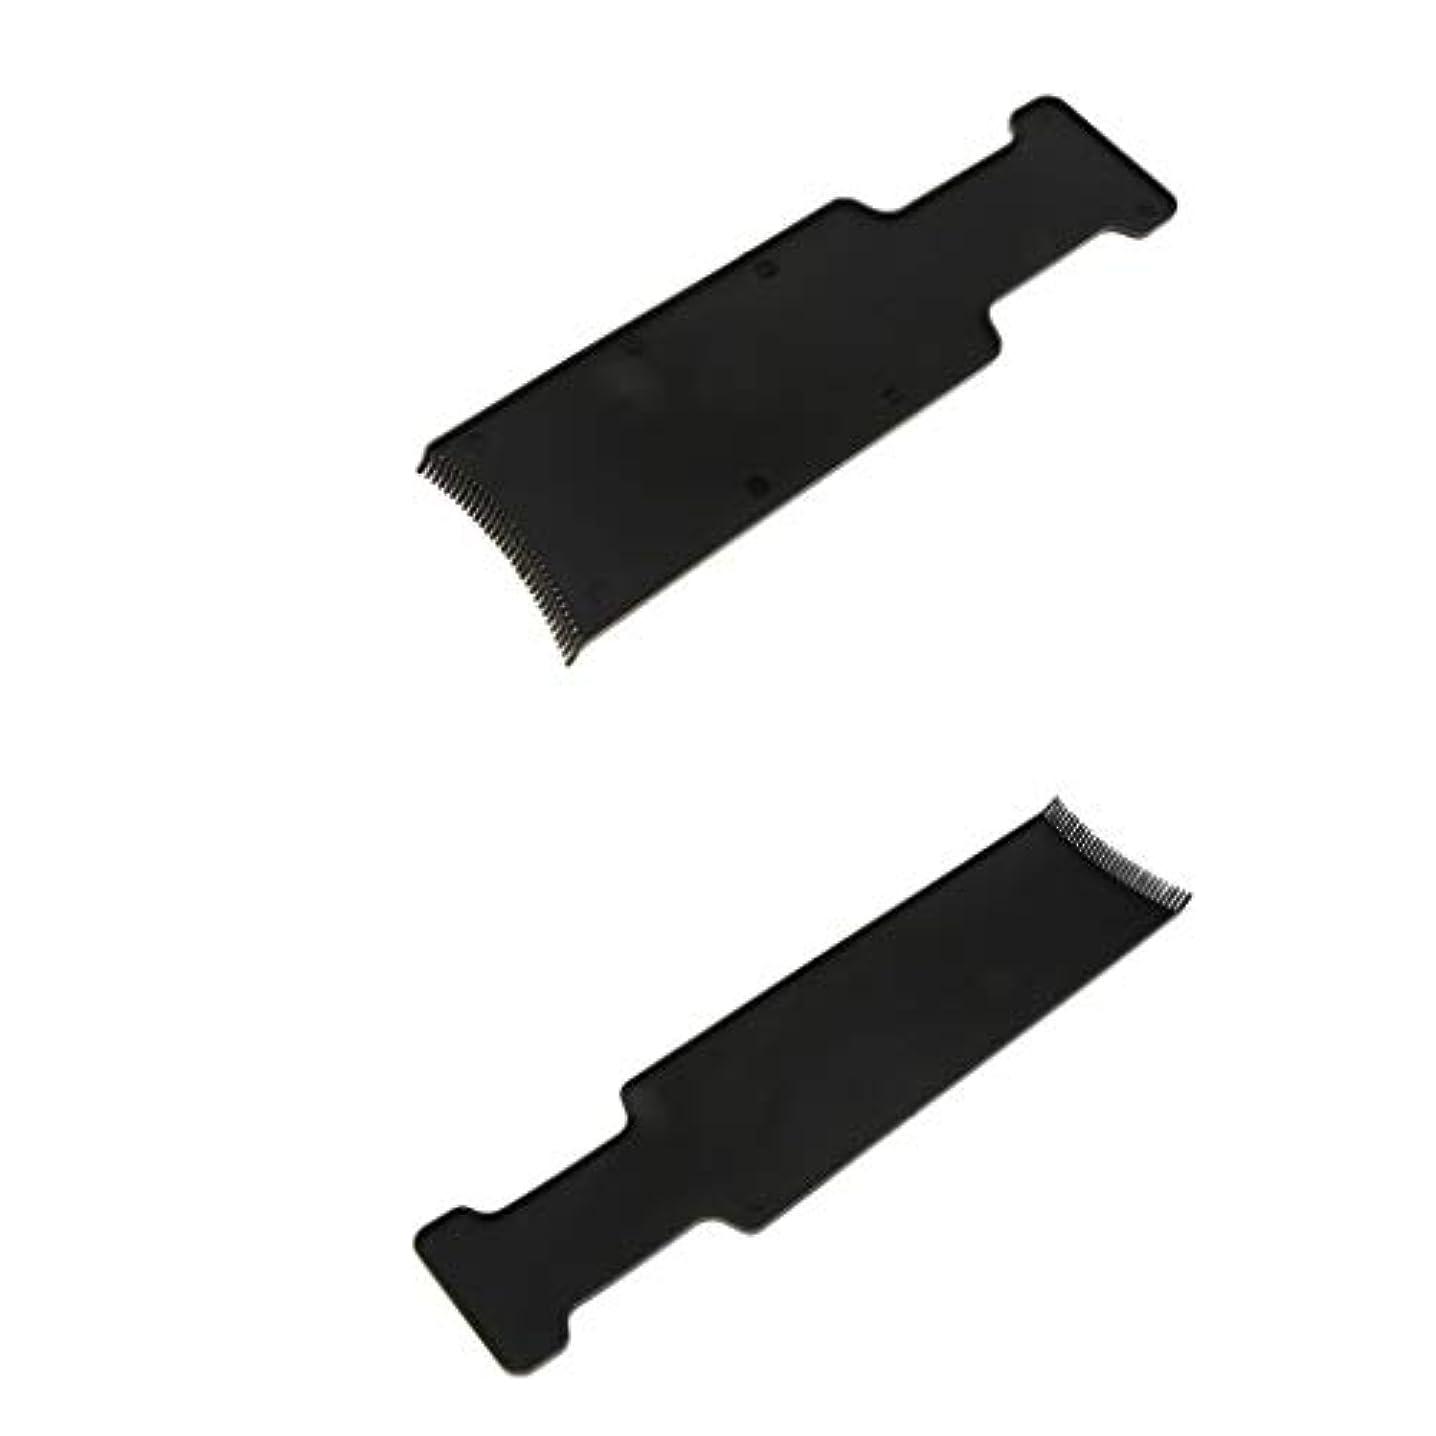 呼吸ラケット状2枚 サロン ヘアカラーボード ハイライト 染色ティントプレート ヘアドレッシングツール